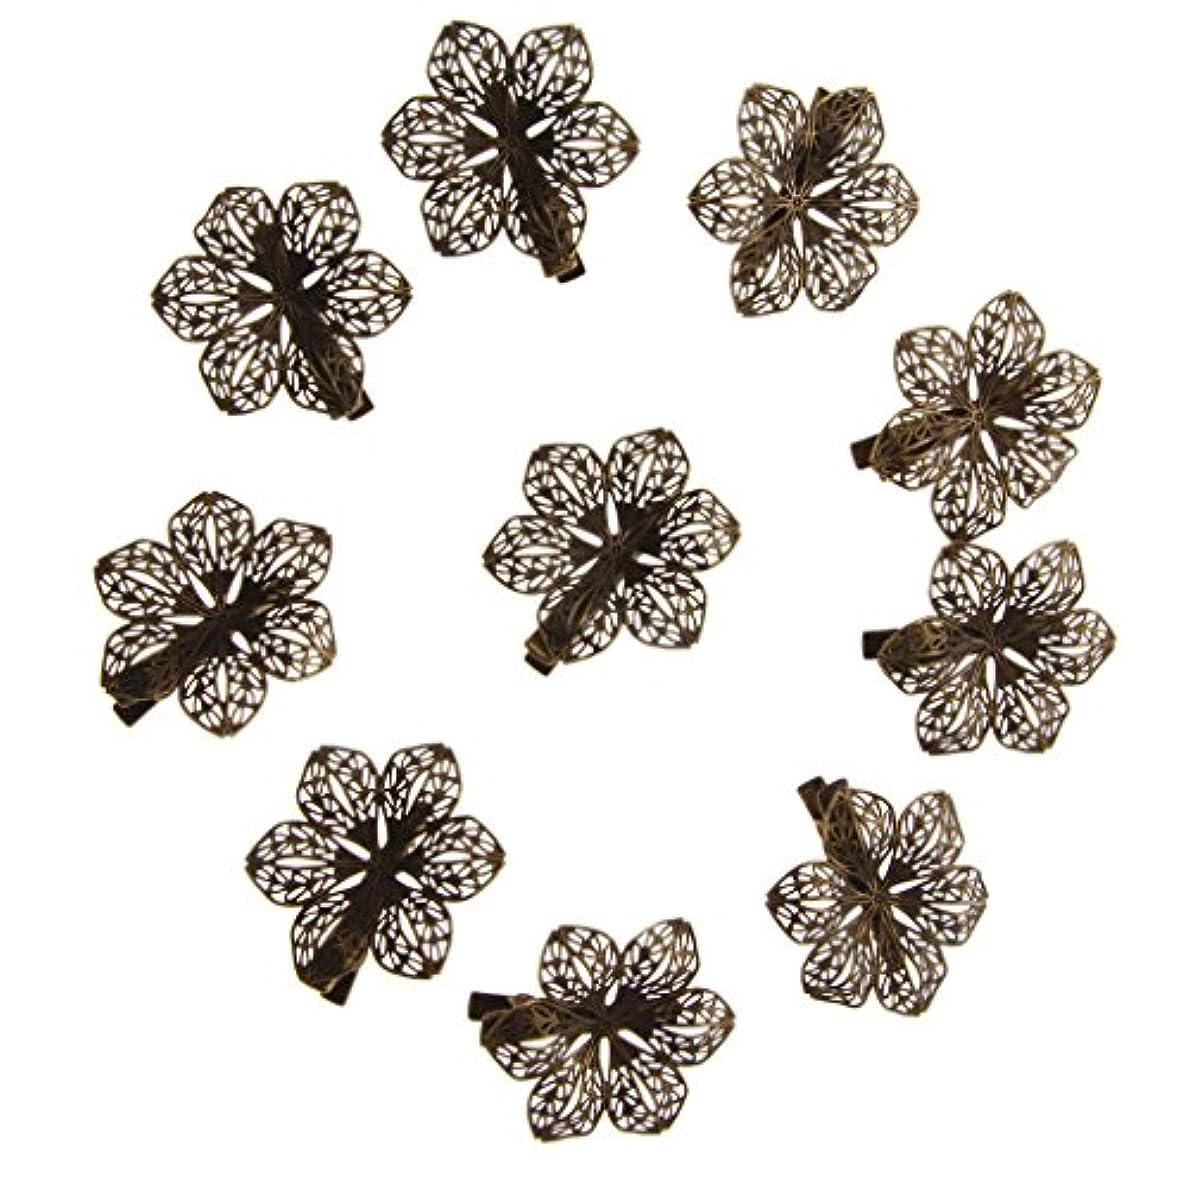 放棄一緒ペフdailymall 10ヴィンテージアンティーク真鍮ヘアピン/バレット/アクセサリーグリップスライド花